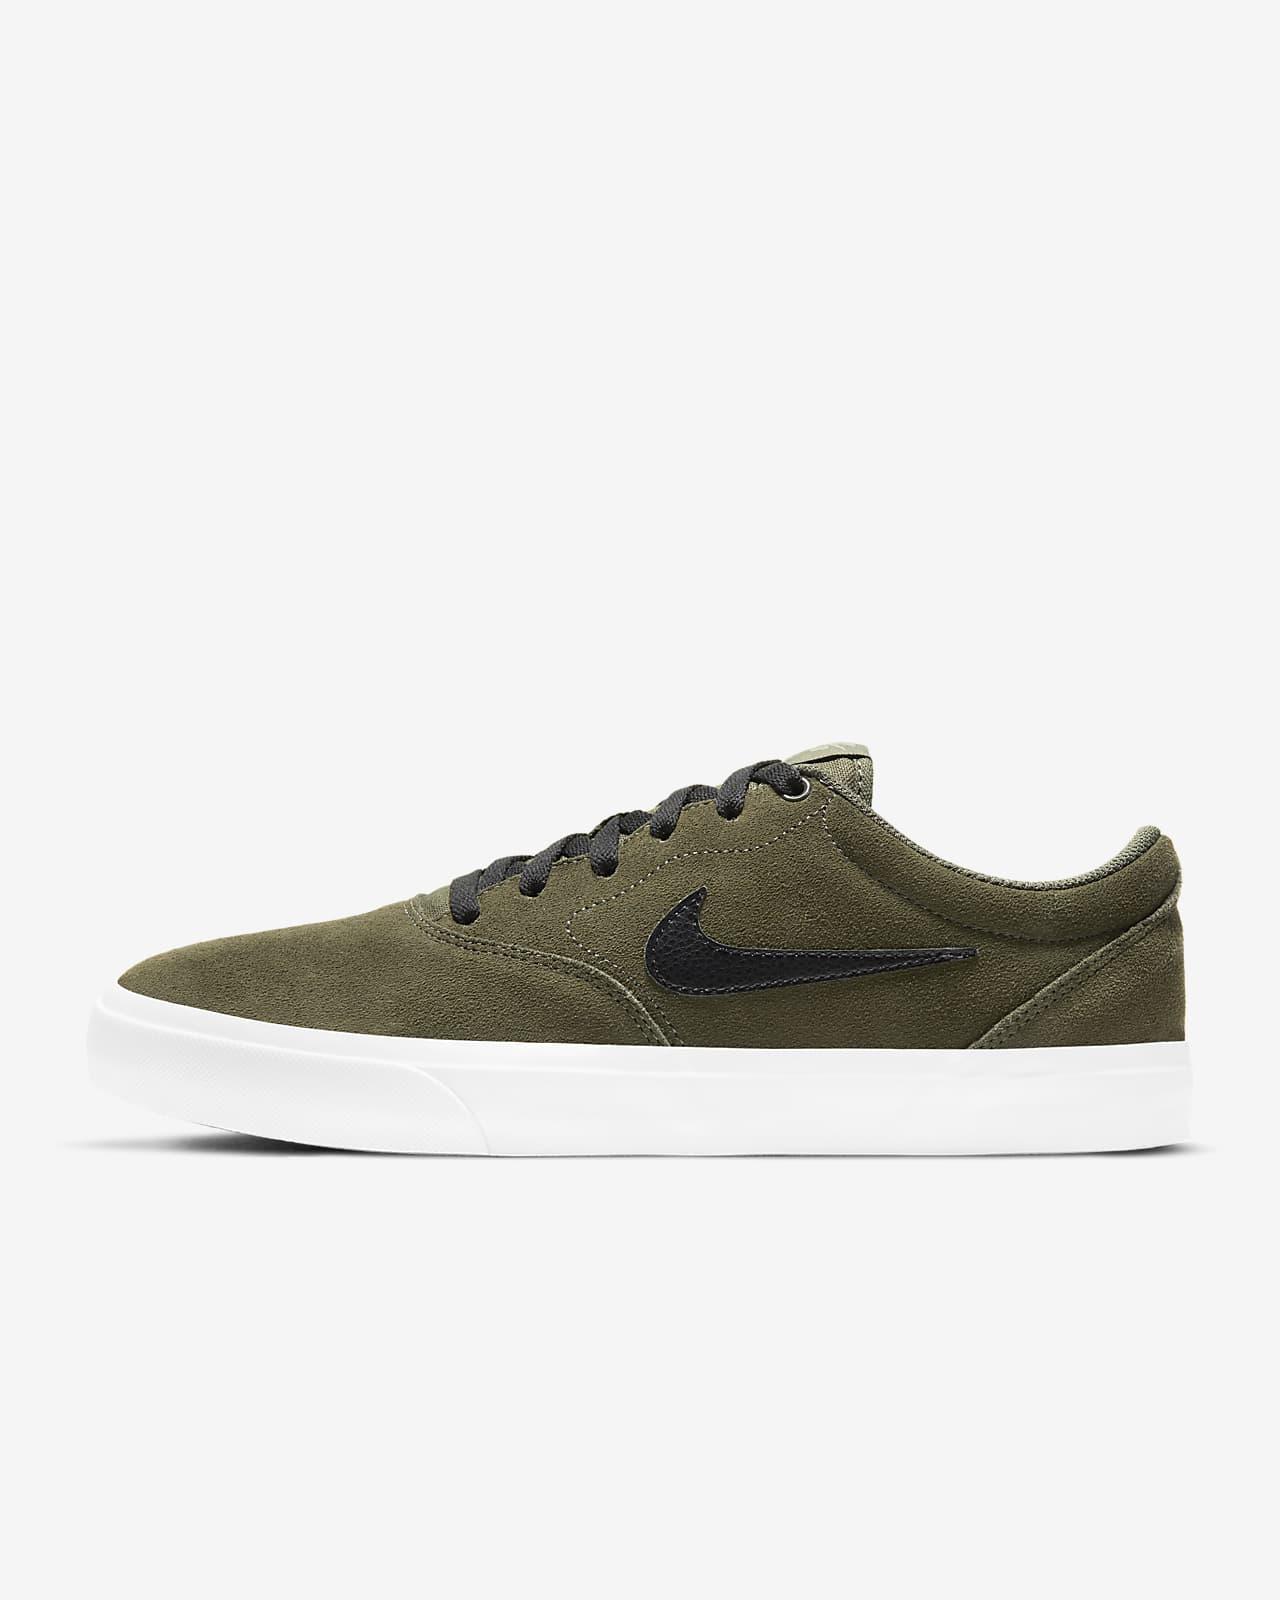 Nike SB Charge-skatersko i ruskind